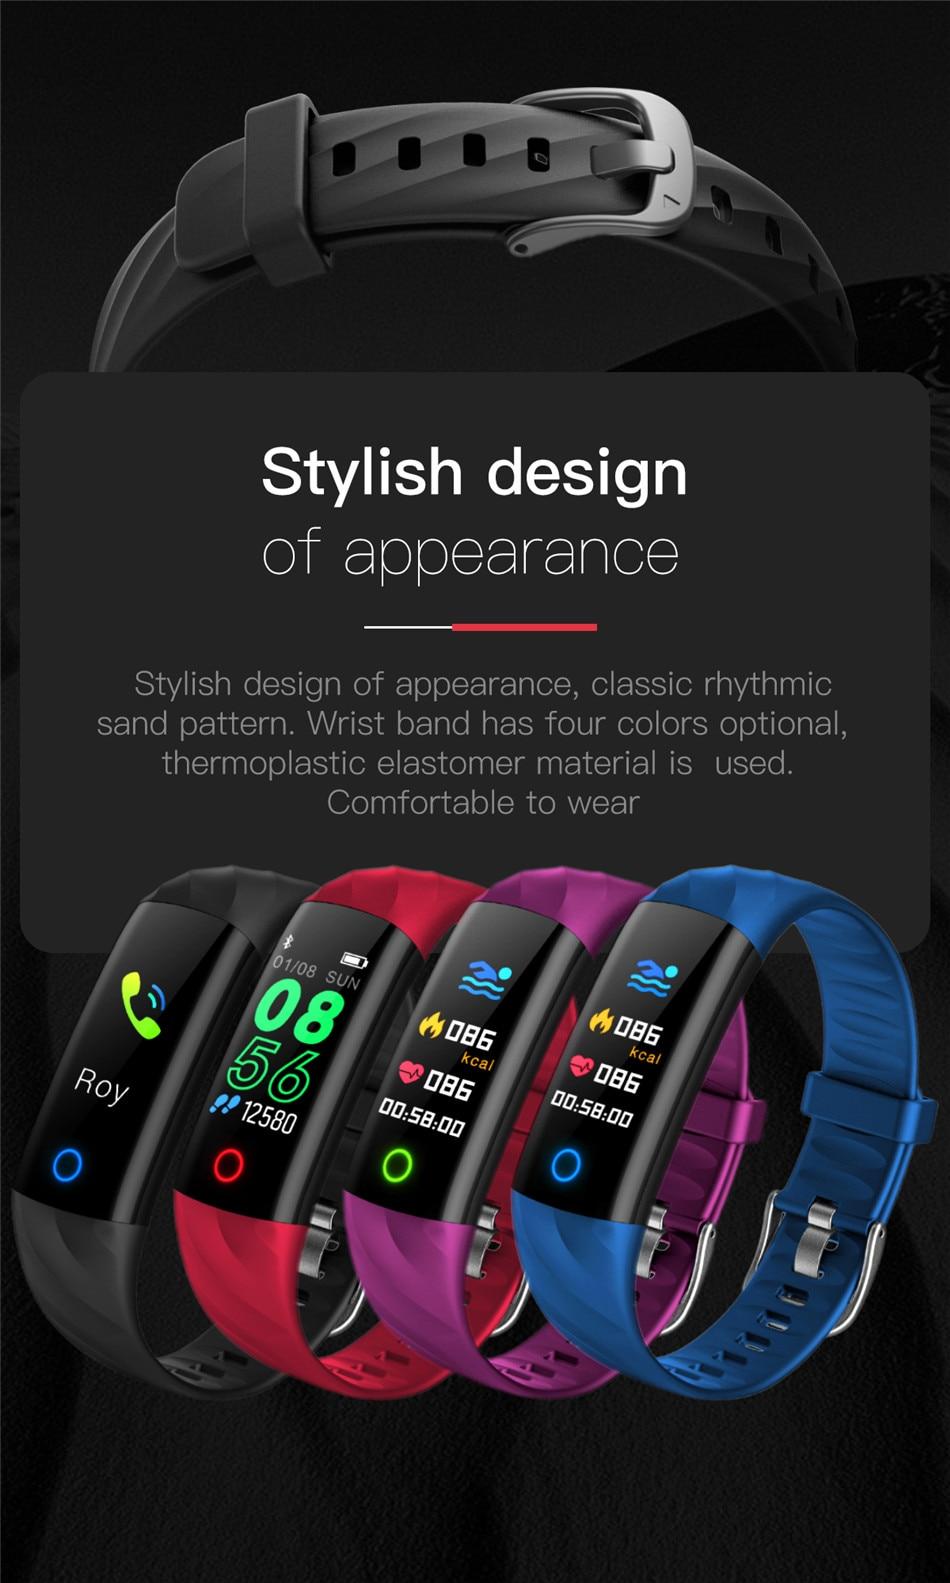 HTB1qp0DXdzvK1RkSnfoq6zMwVXav LIGE Smart Watch Women IP68 Waterproof Sport Bracelet Smart Fitness Tracker Blood Pressure Heart Rate Monitor intelligent Watch